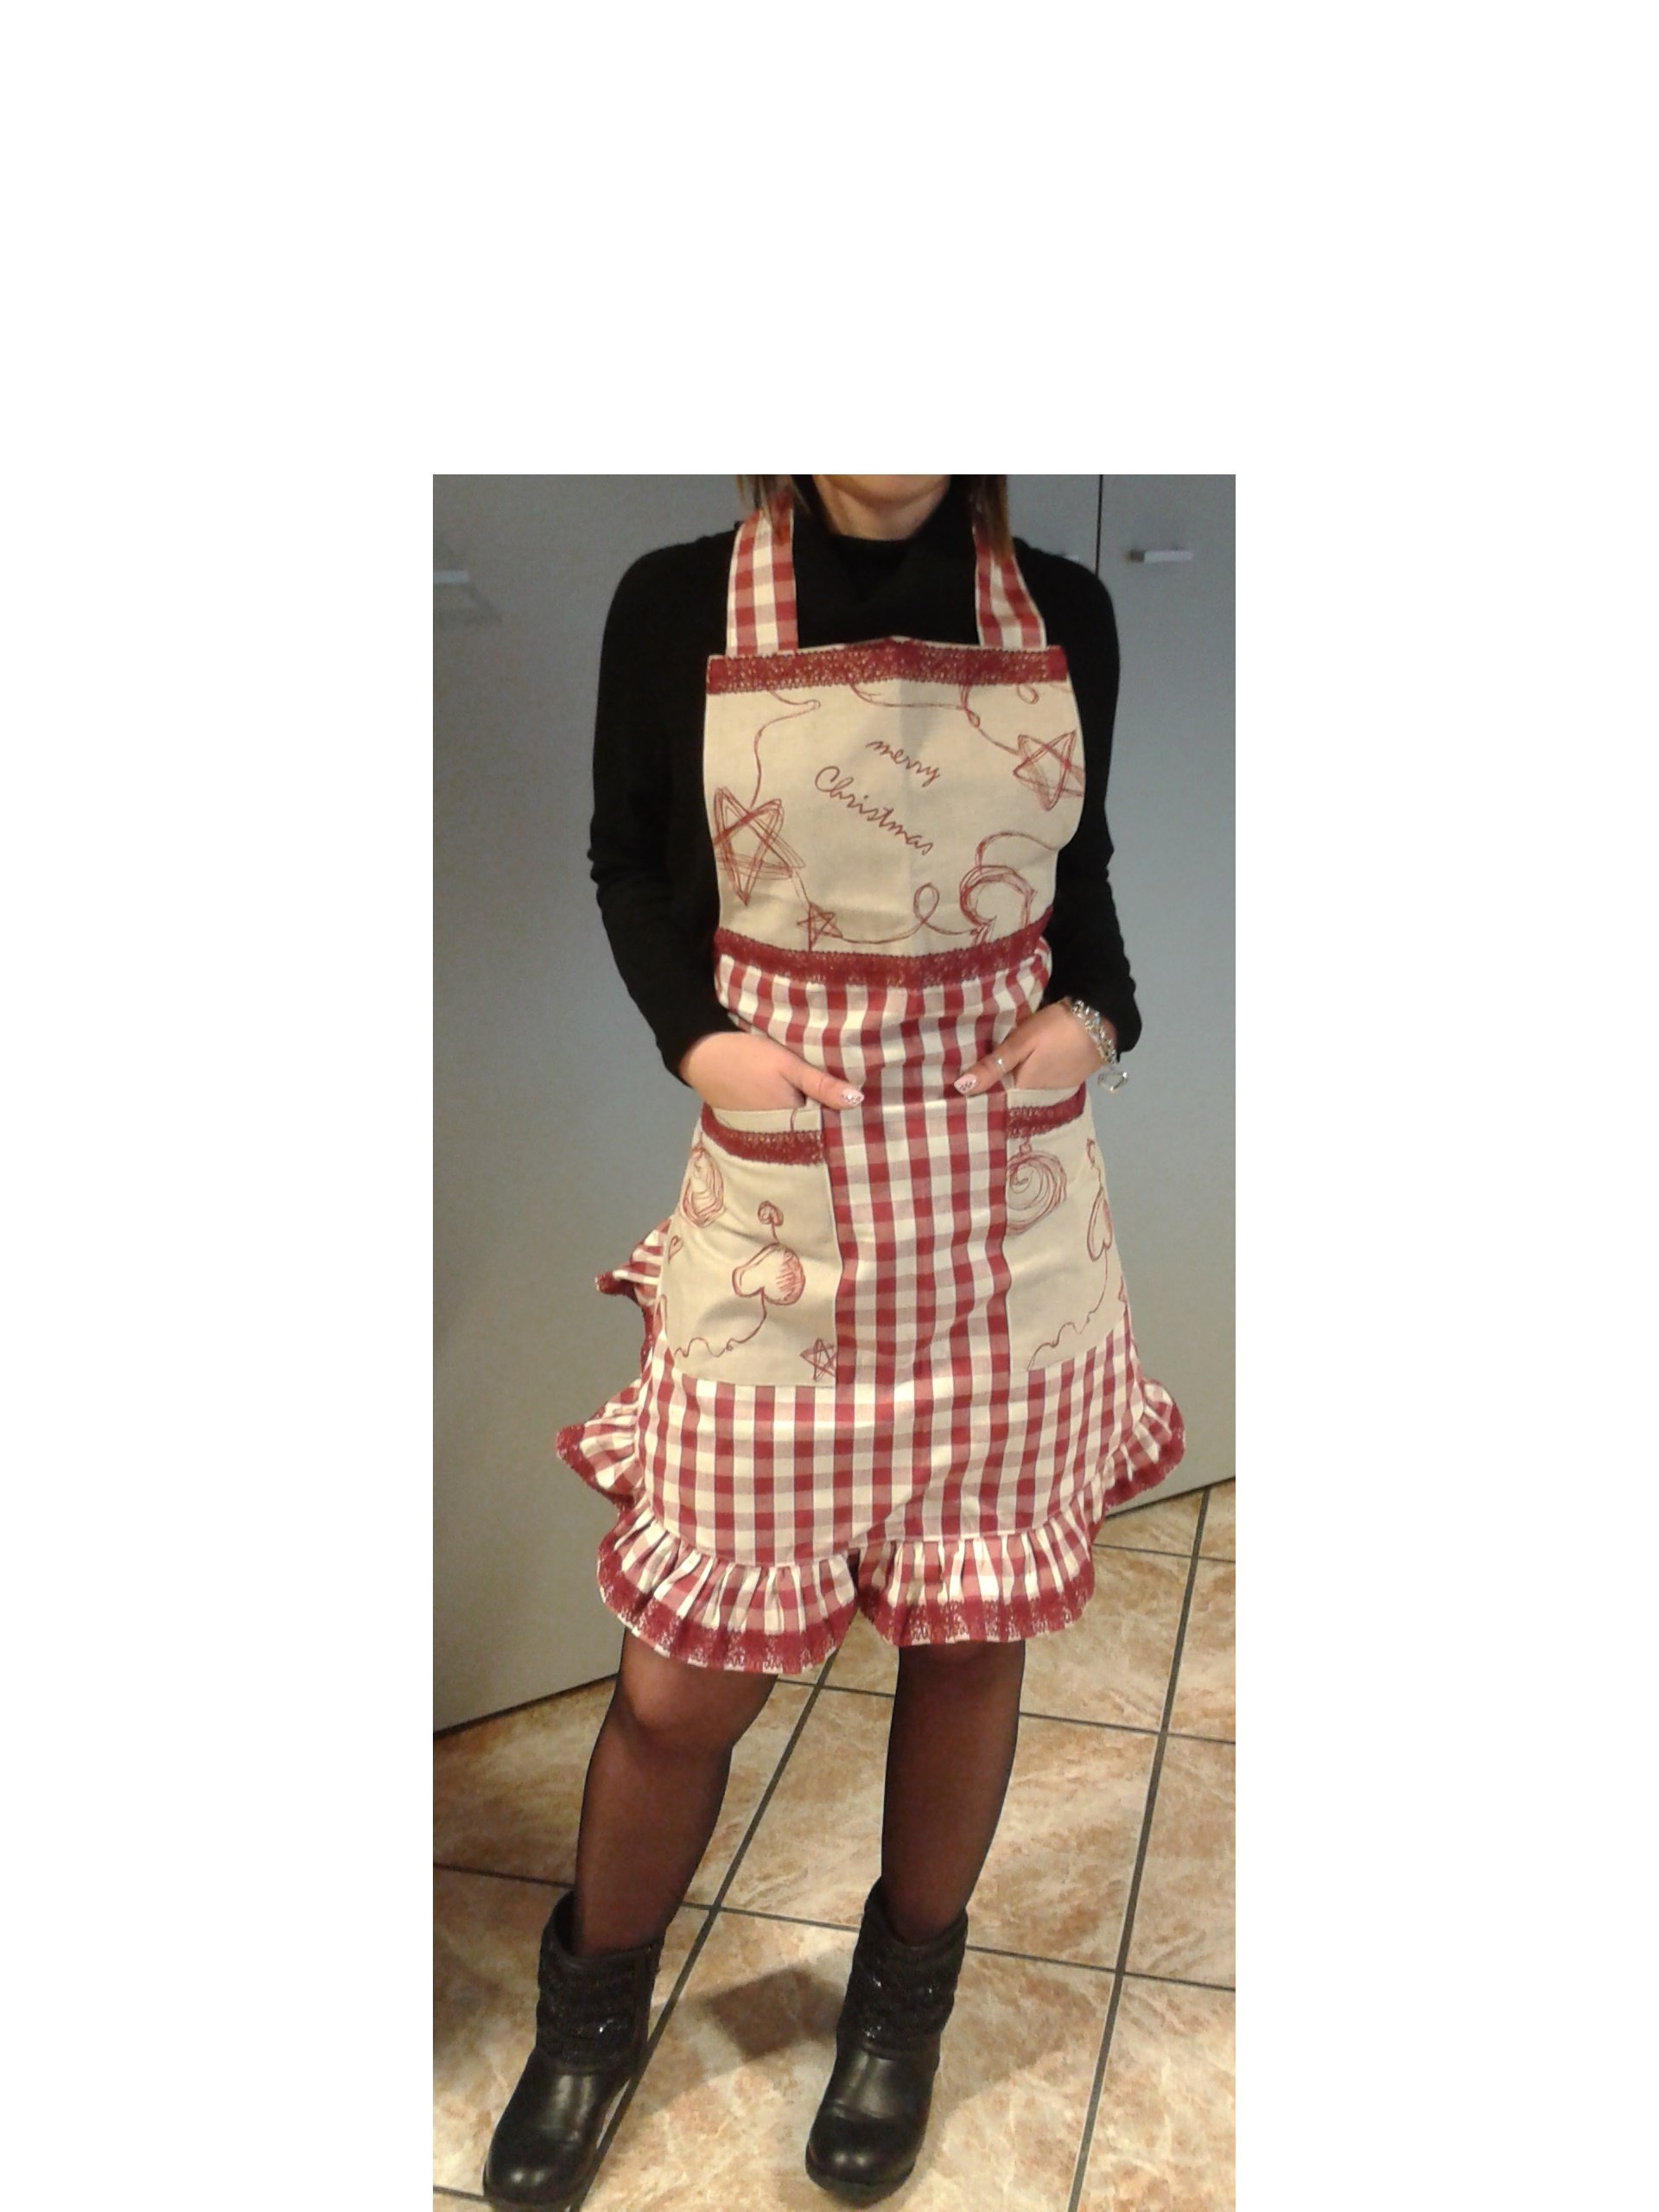 donna con grembiule bianco e quadretti rossi